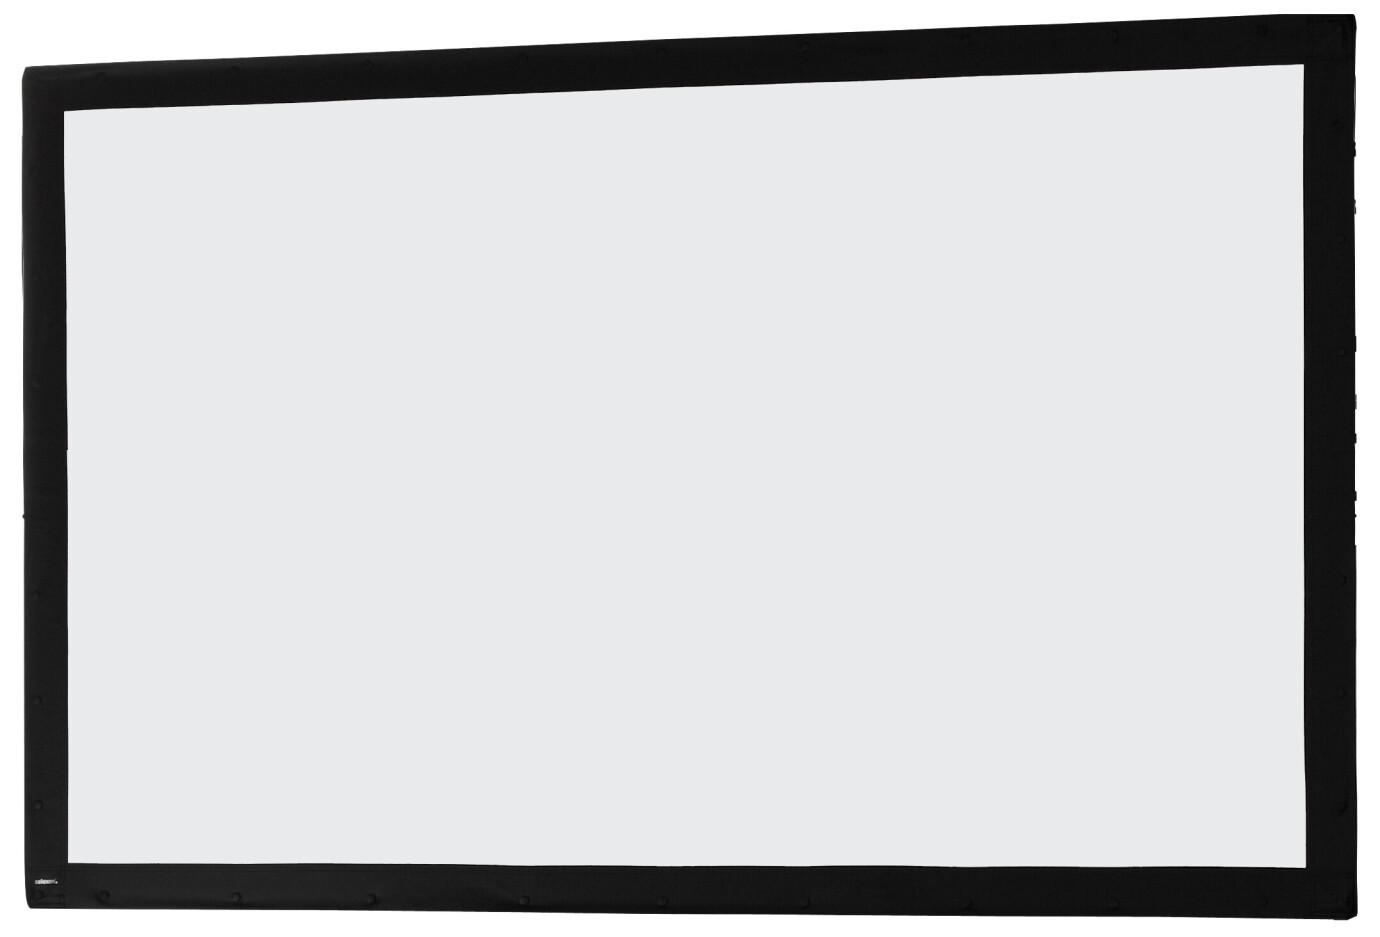 Toile 305 x 190 cm pour Ecran de projection sur Cadre celexon